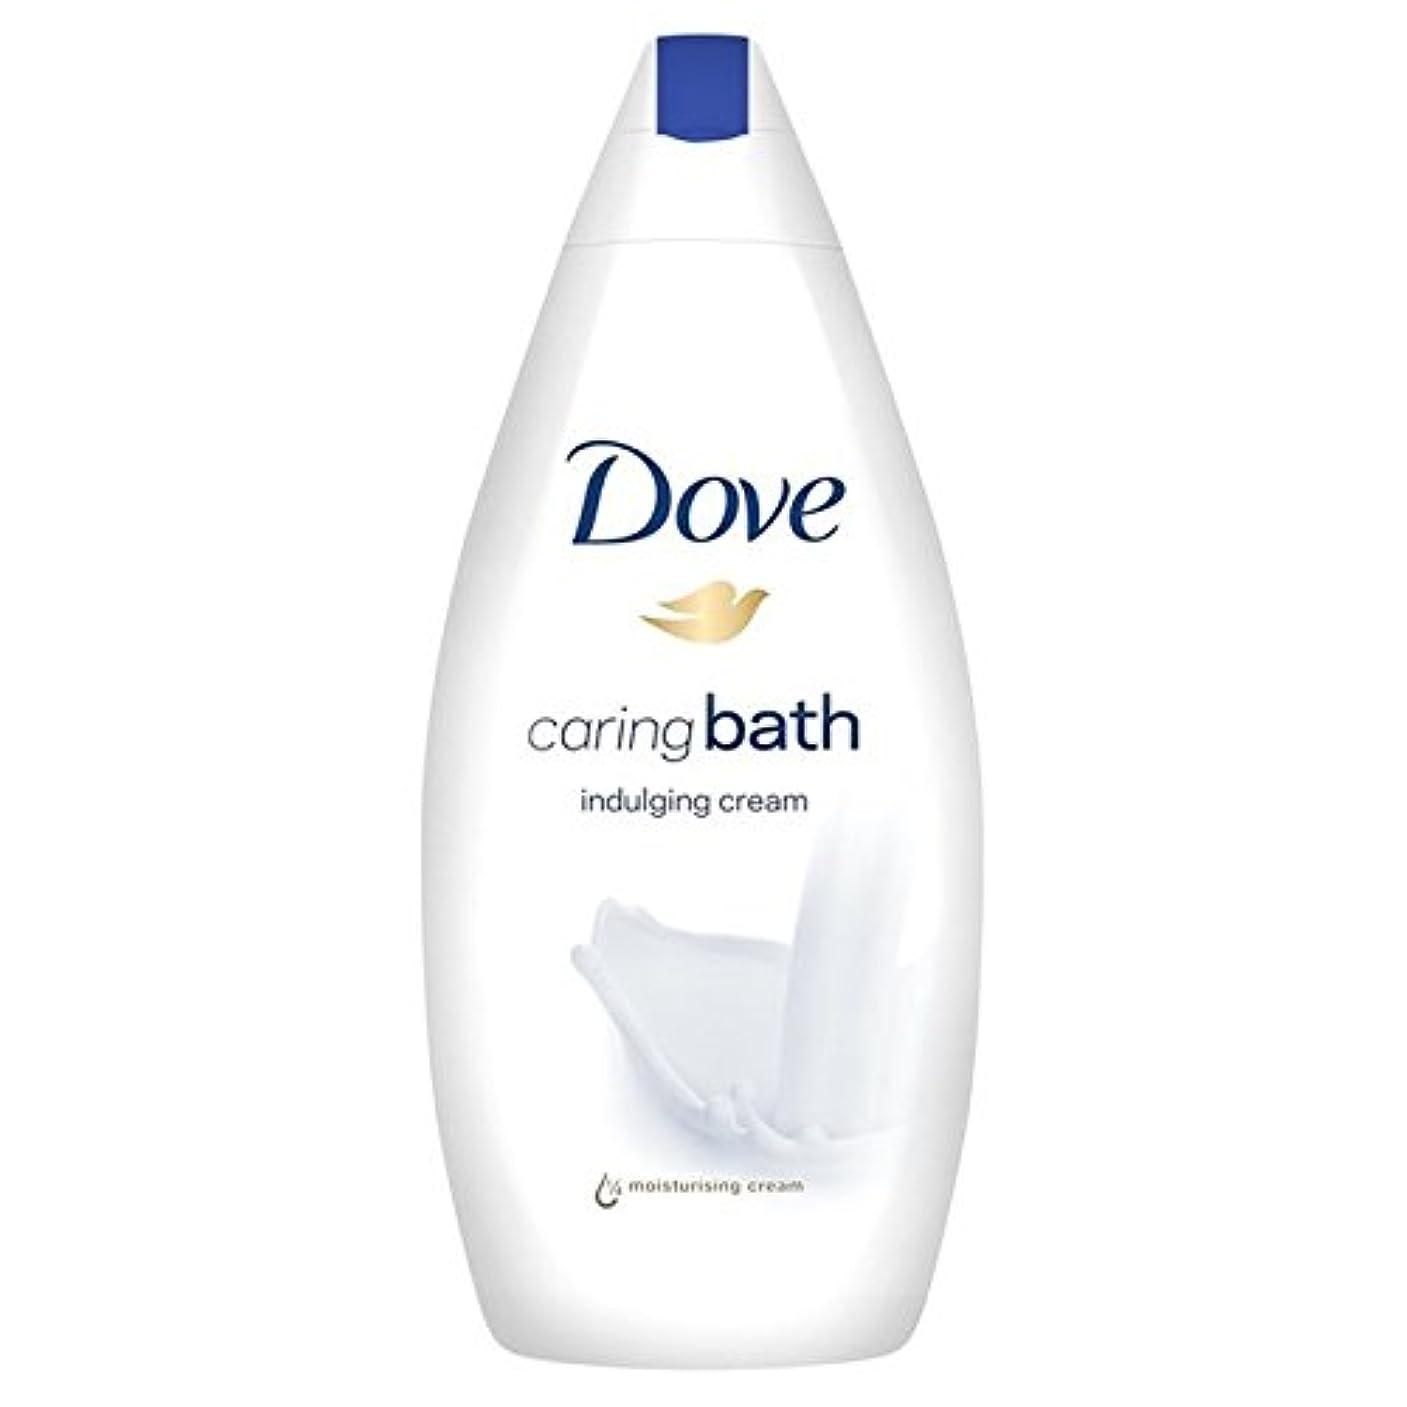 証明書時折対称思いやりのバス500ミリリットルをふける鳩 x2 - Dove Indulging Caring Bath 500ml (Pack of 2) [並行輸入品]